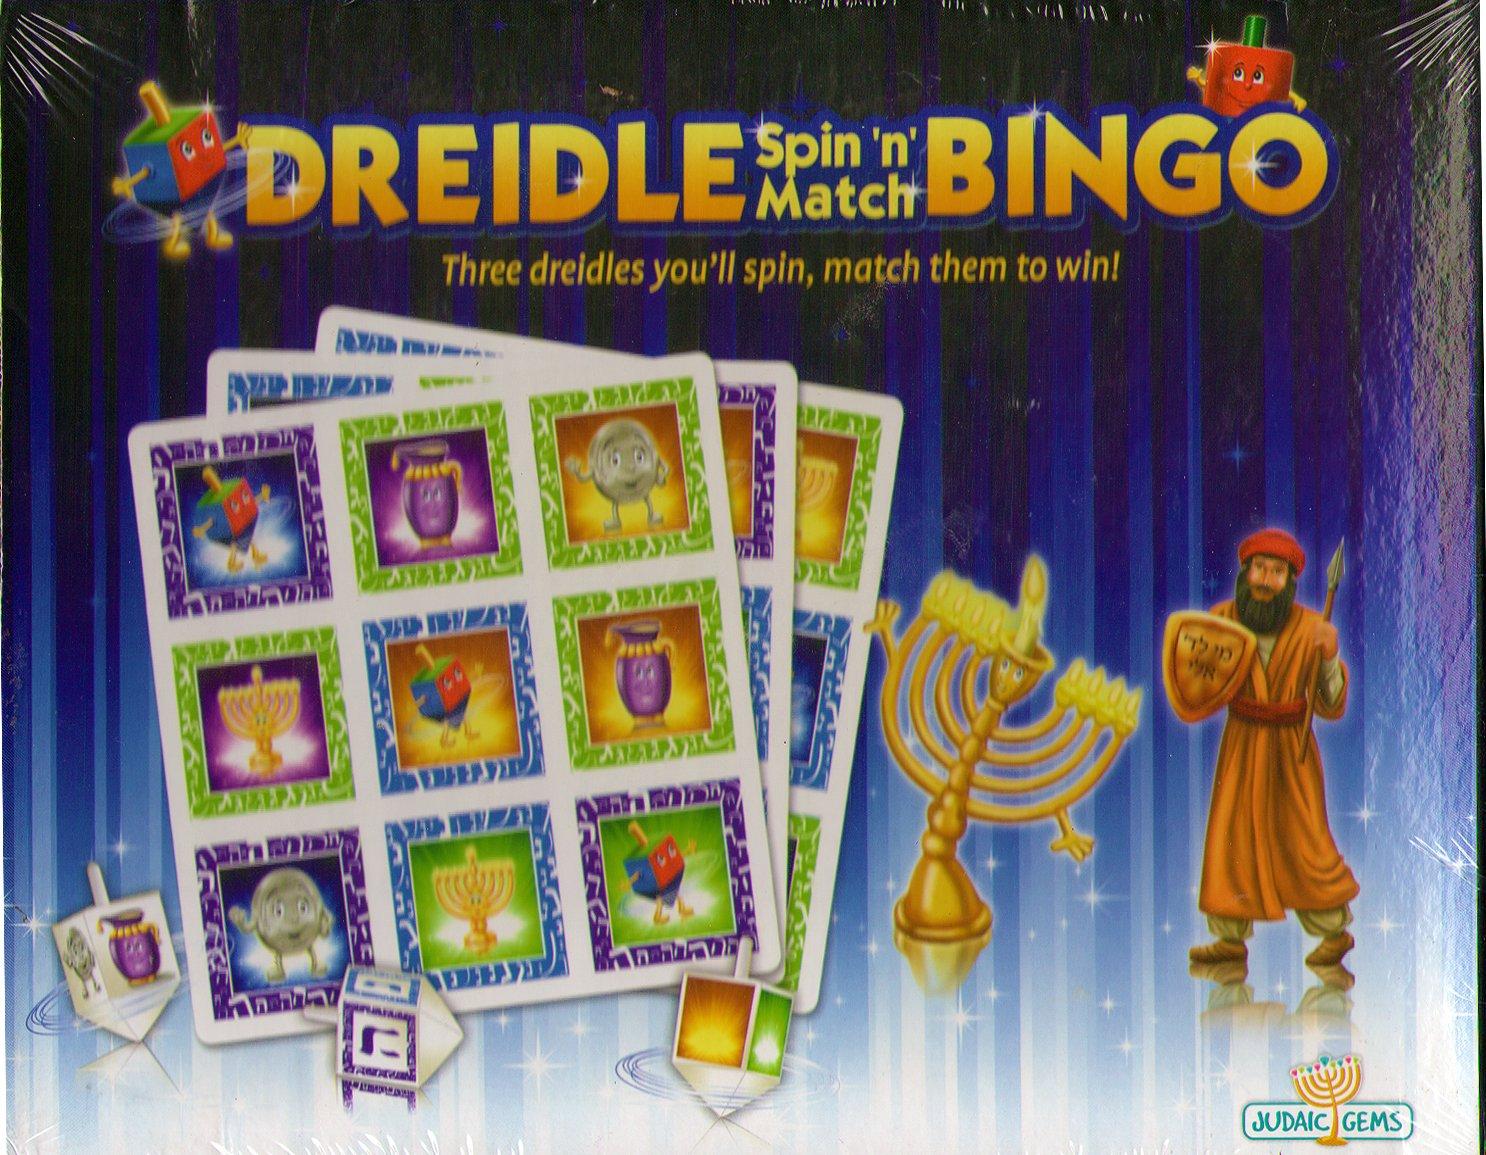 Hanukkah Dreidle Bingo by judaaic gems